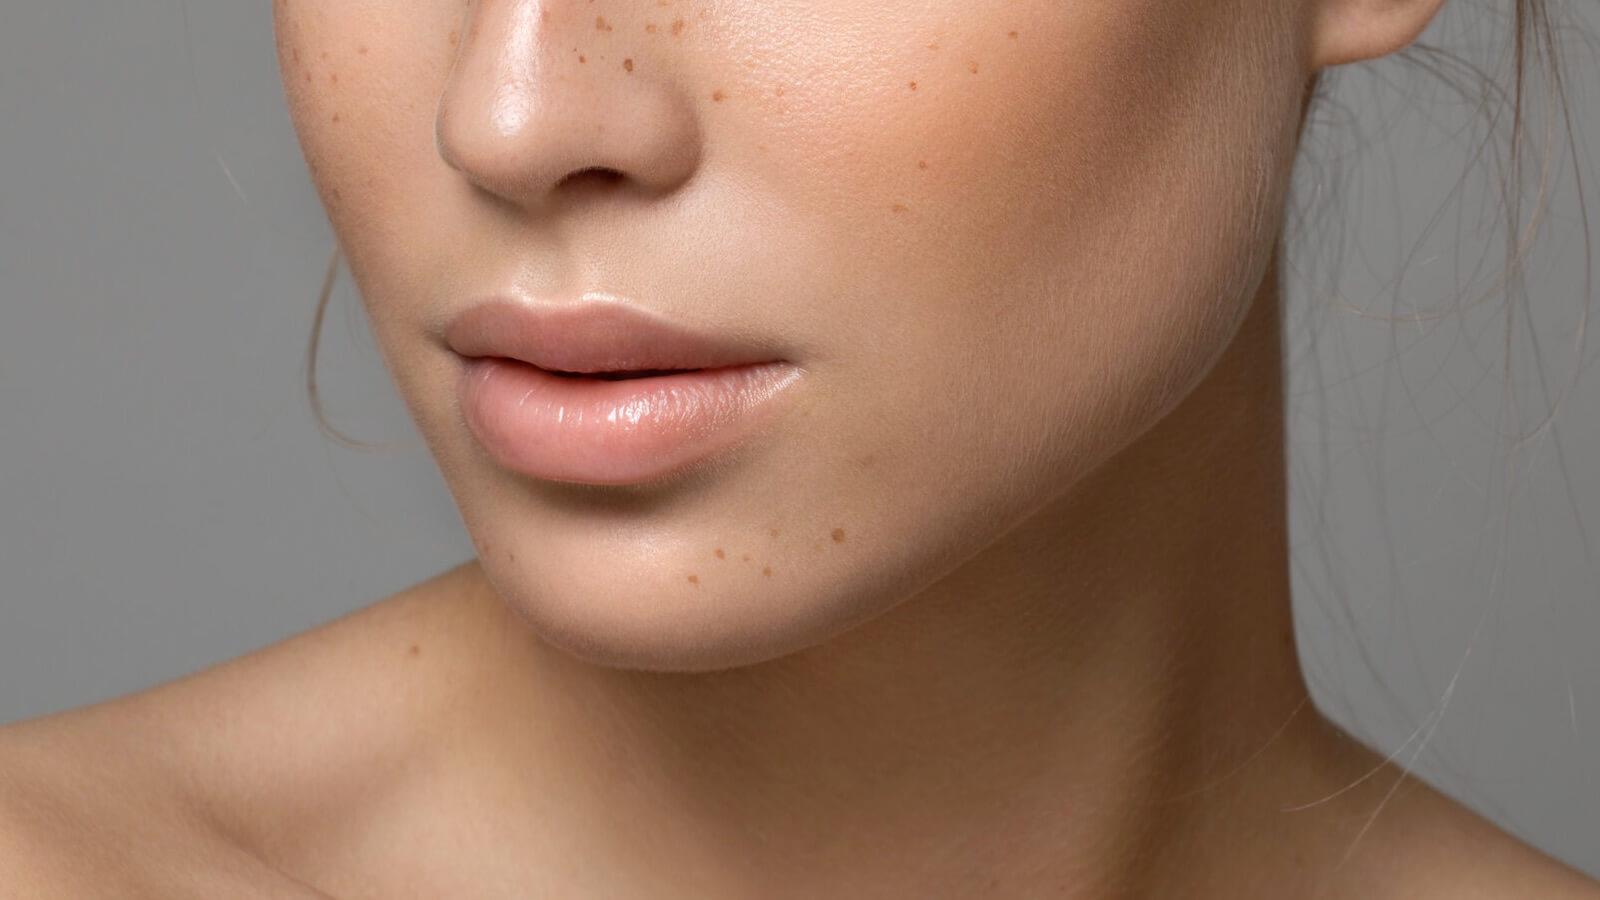 manchas en los labios